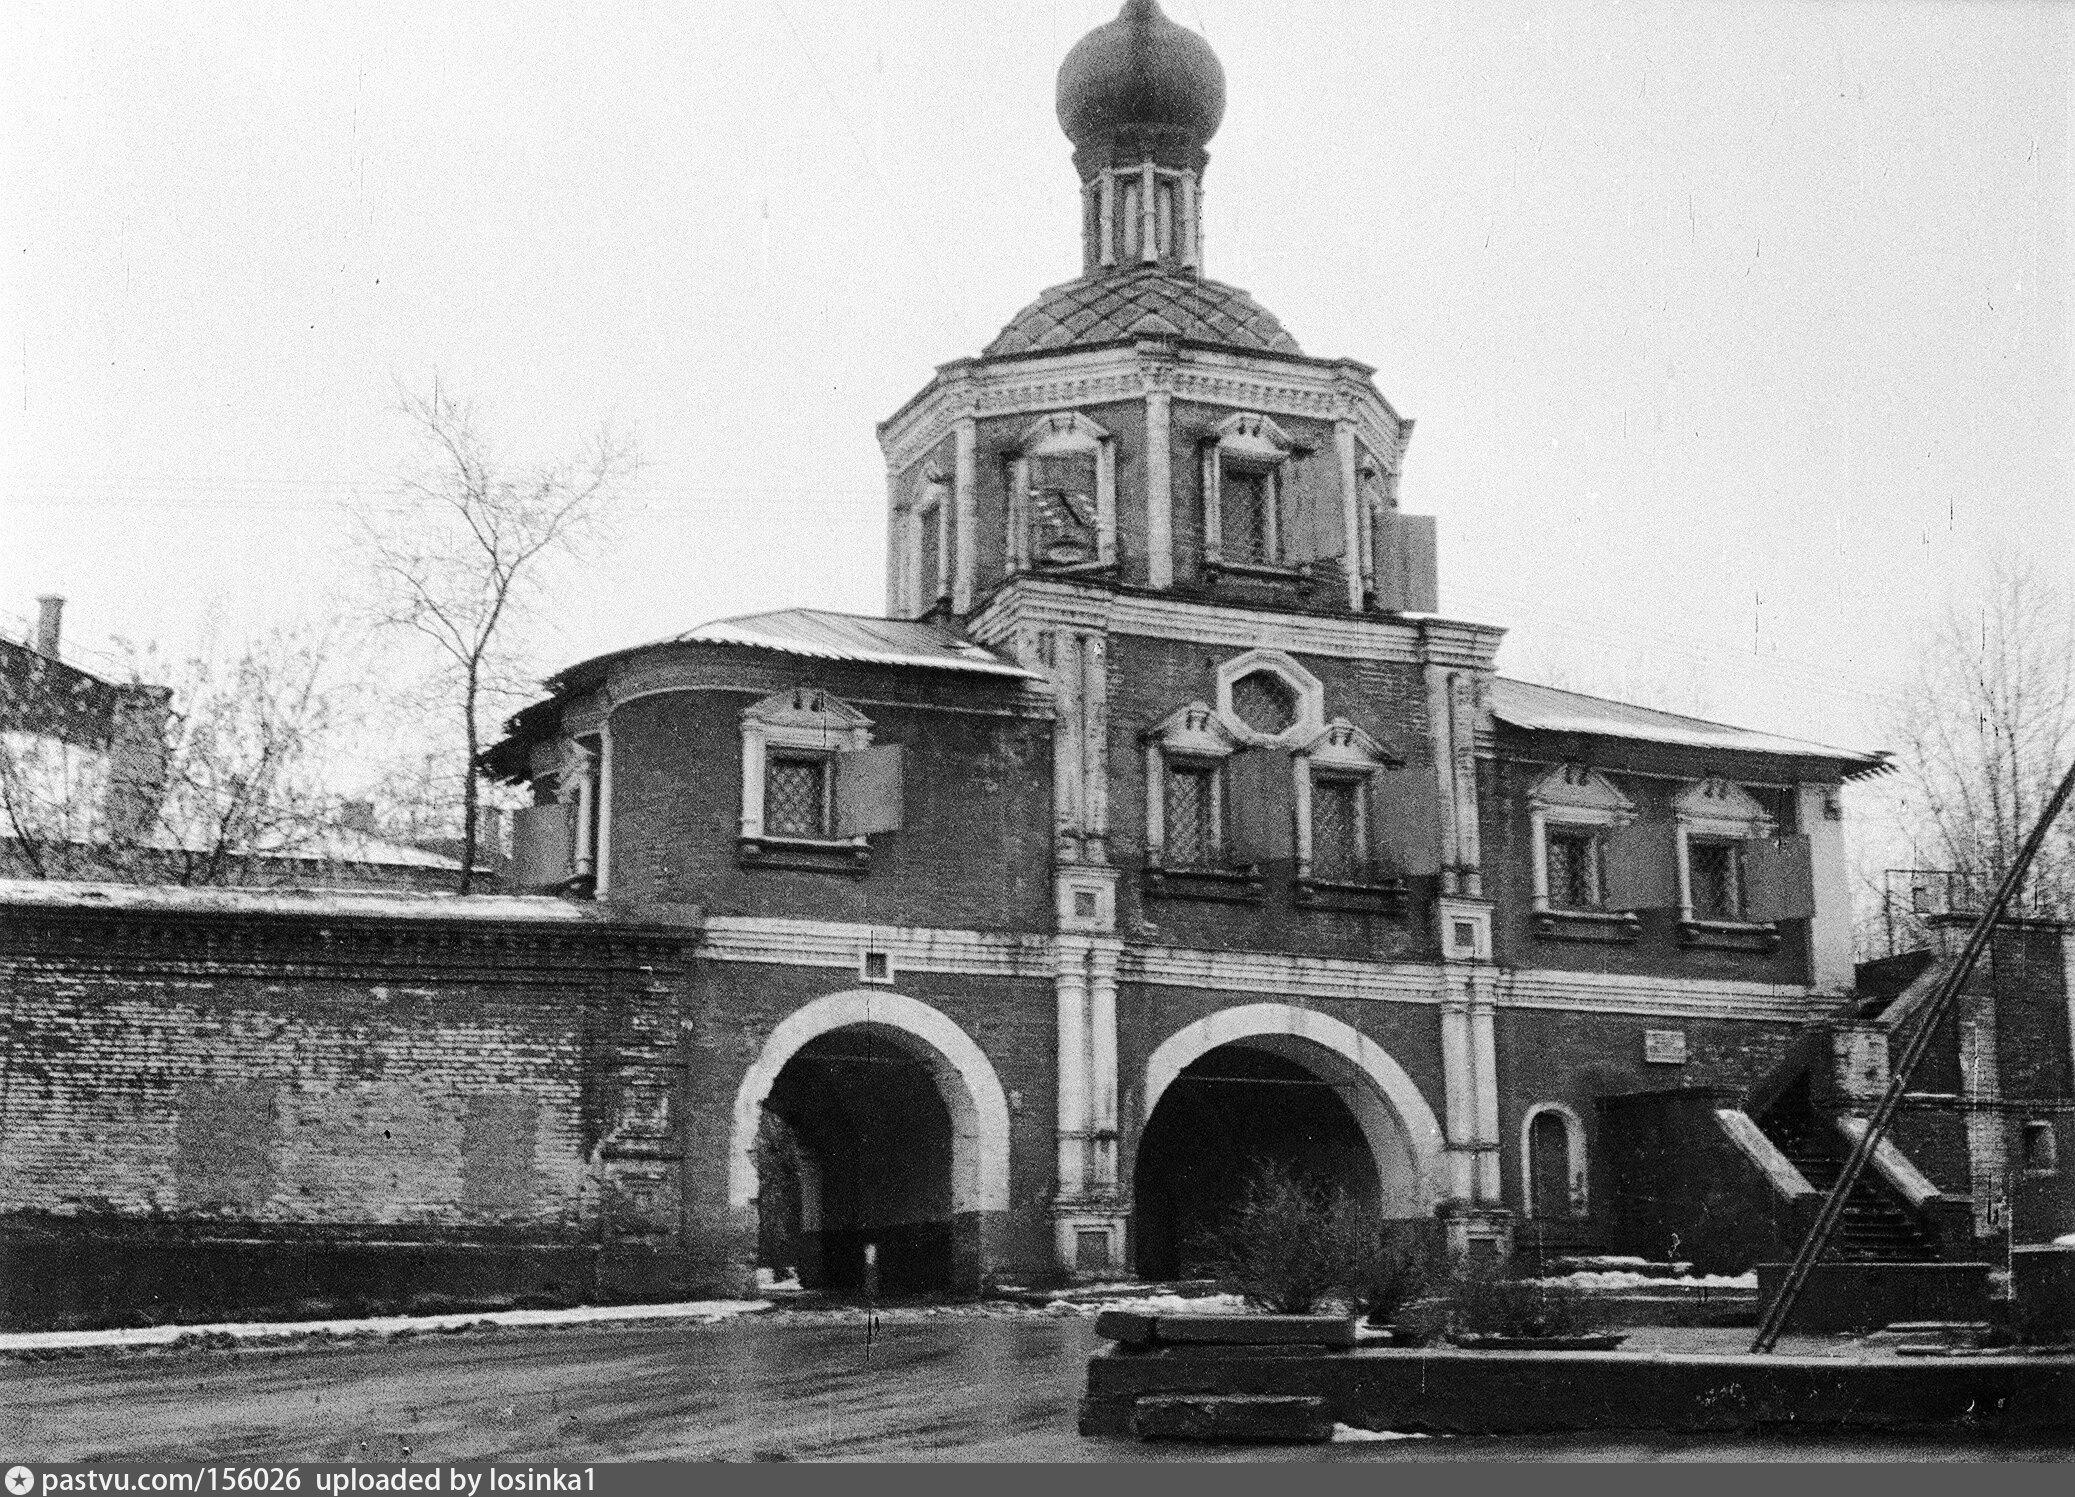 Московские влюблённые: романтические истории столичных переулков, 0+